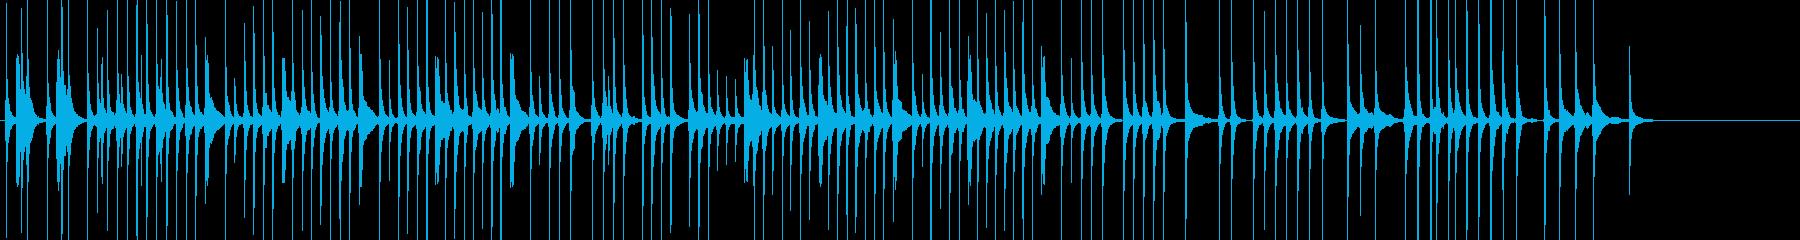 三味線27娘道成寺6日本式レビューショーの再生済みの波形